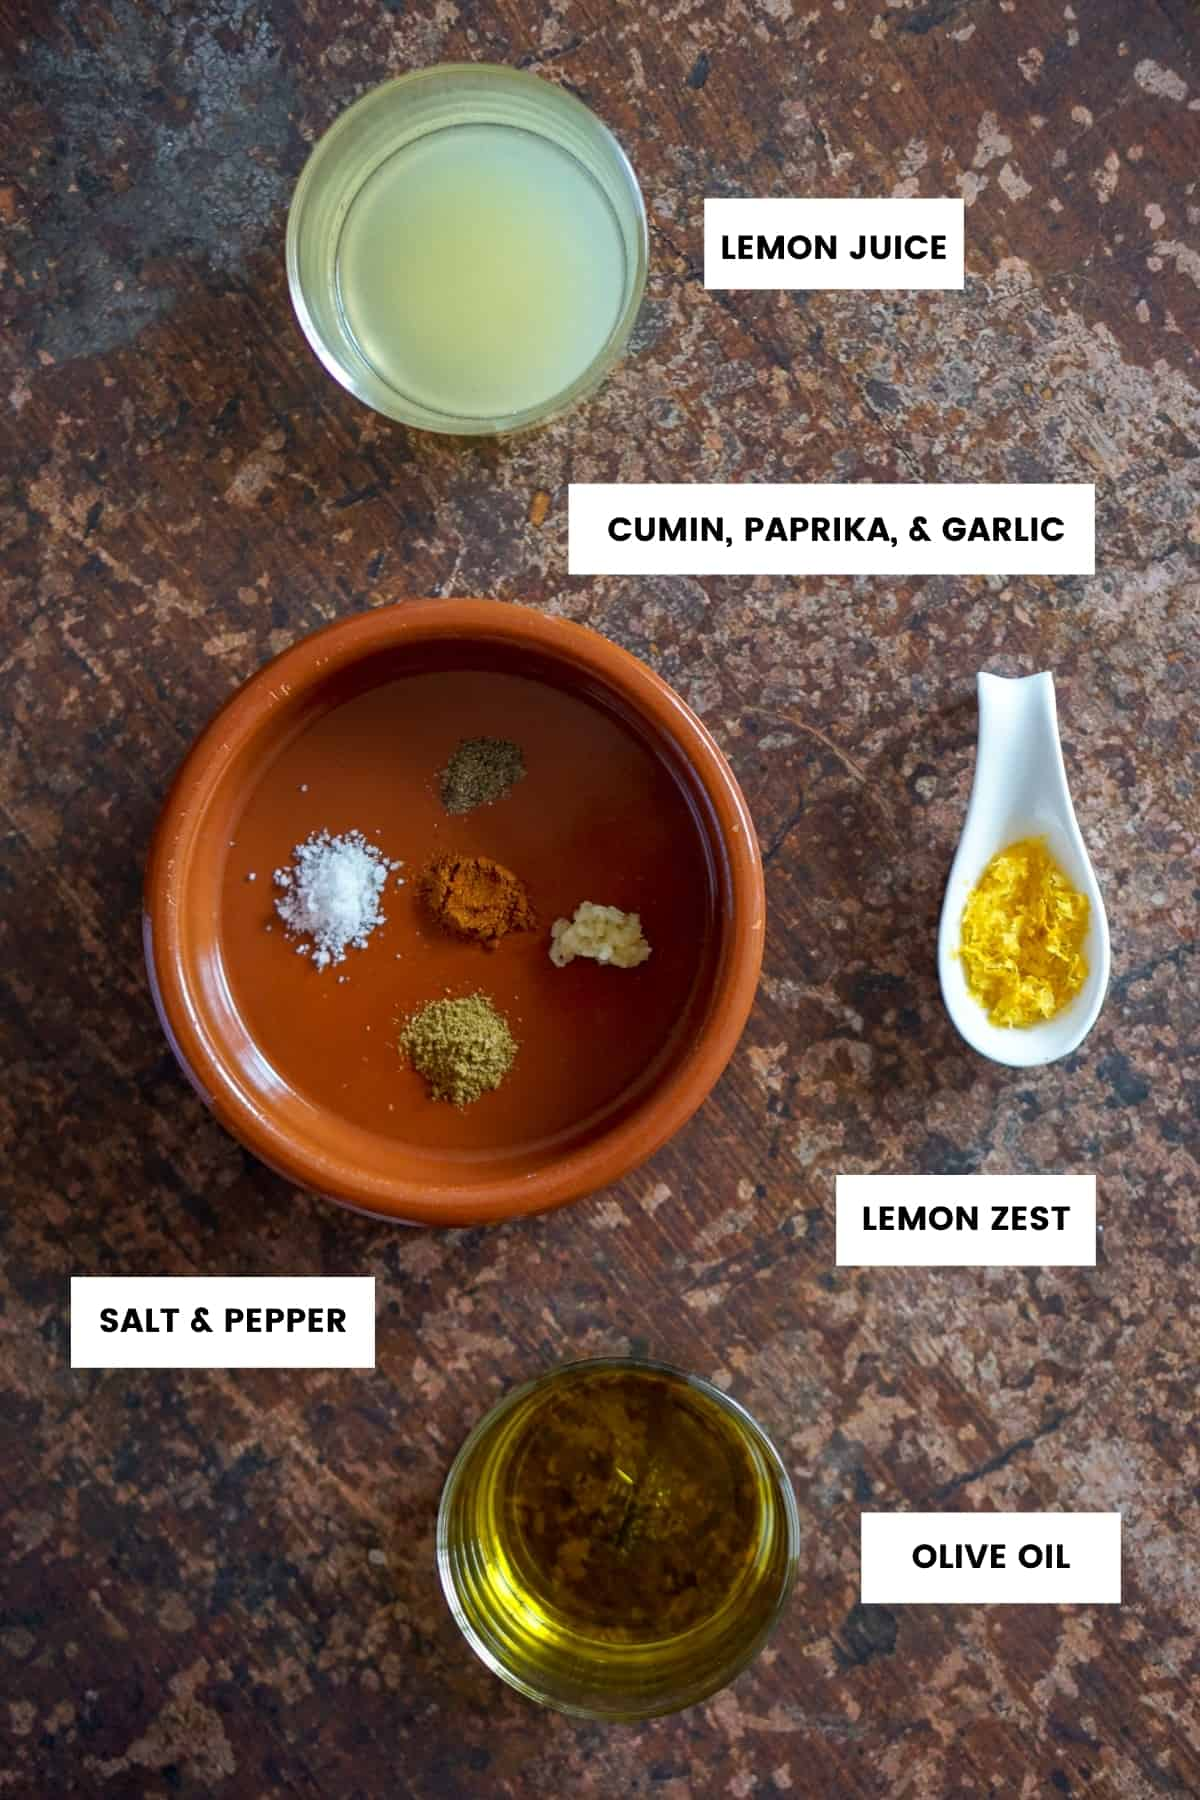 Lentil salad dressing ingredients with labels: lemon juice, lemon zest, salt, pepper, paprika, cumin, garlic, olive oil.